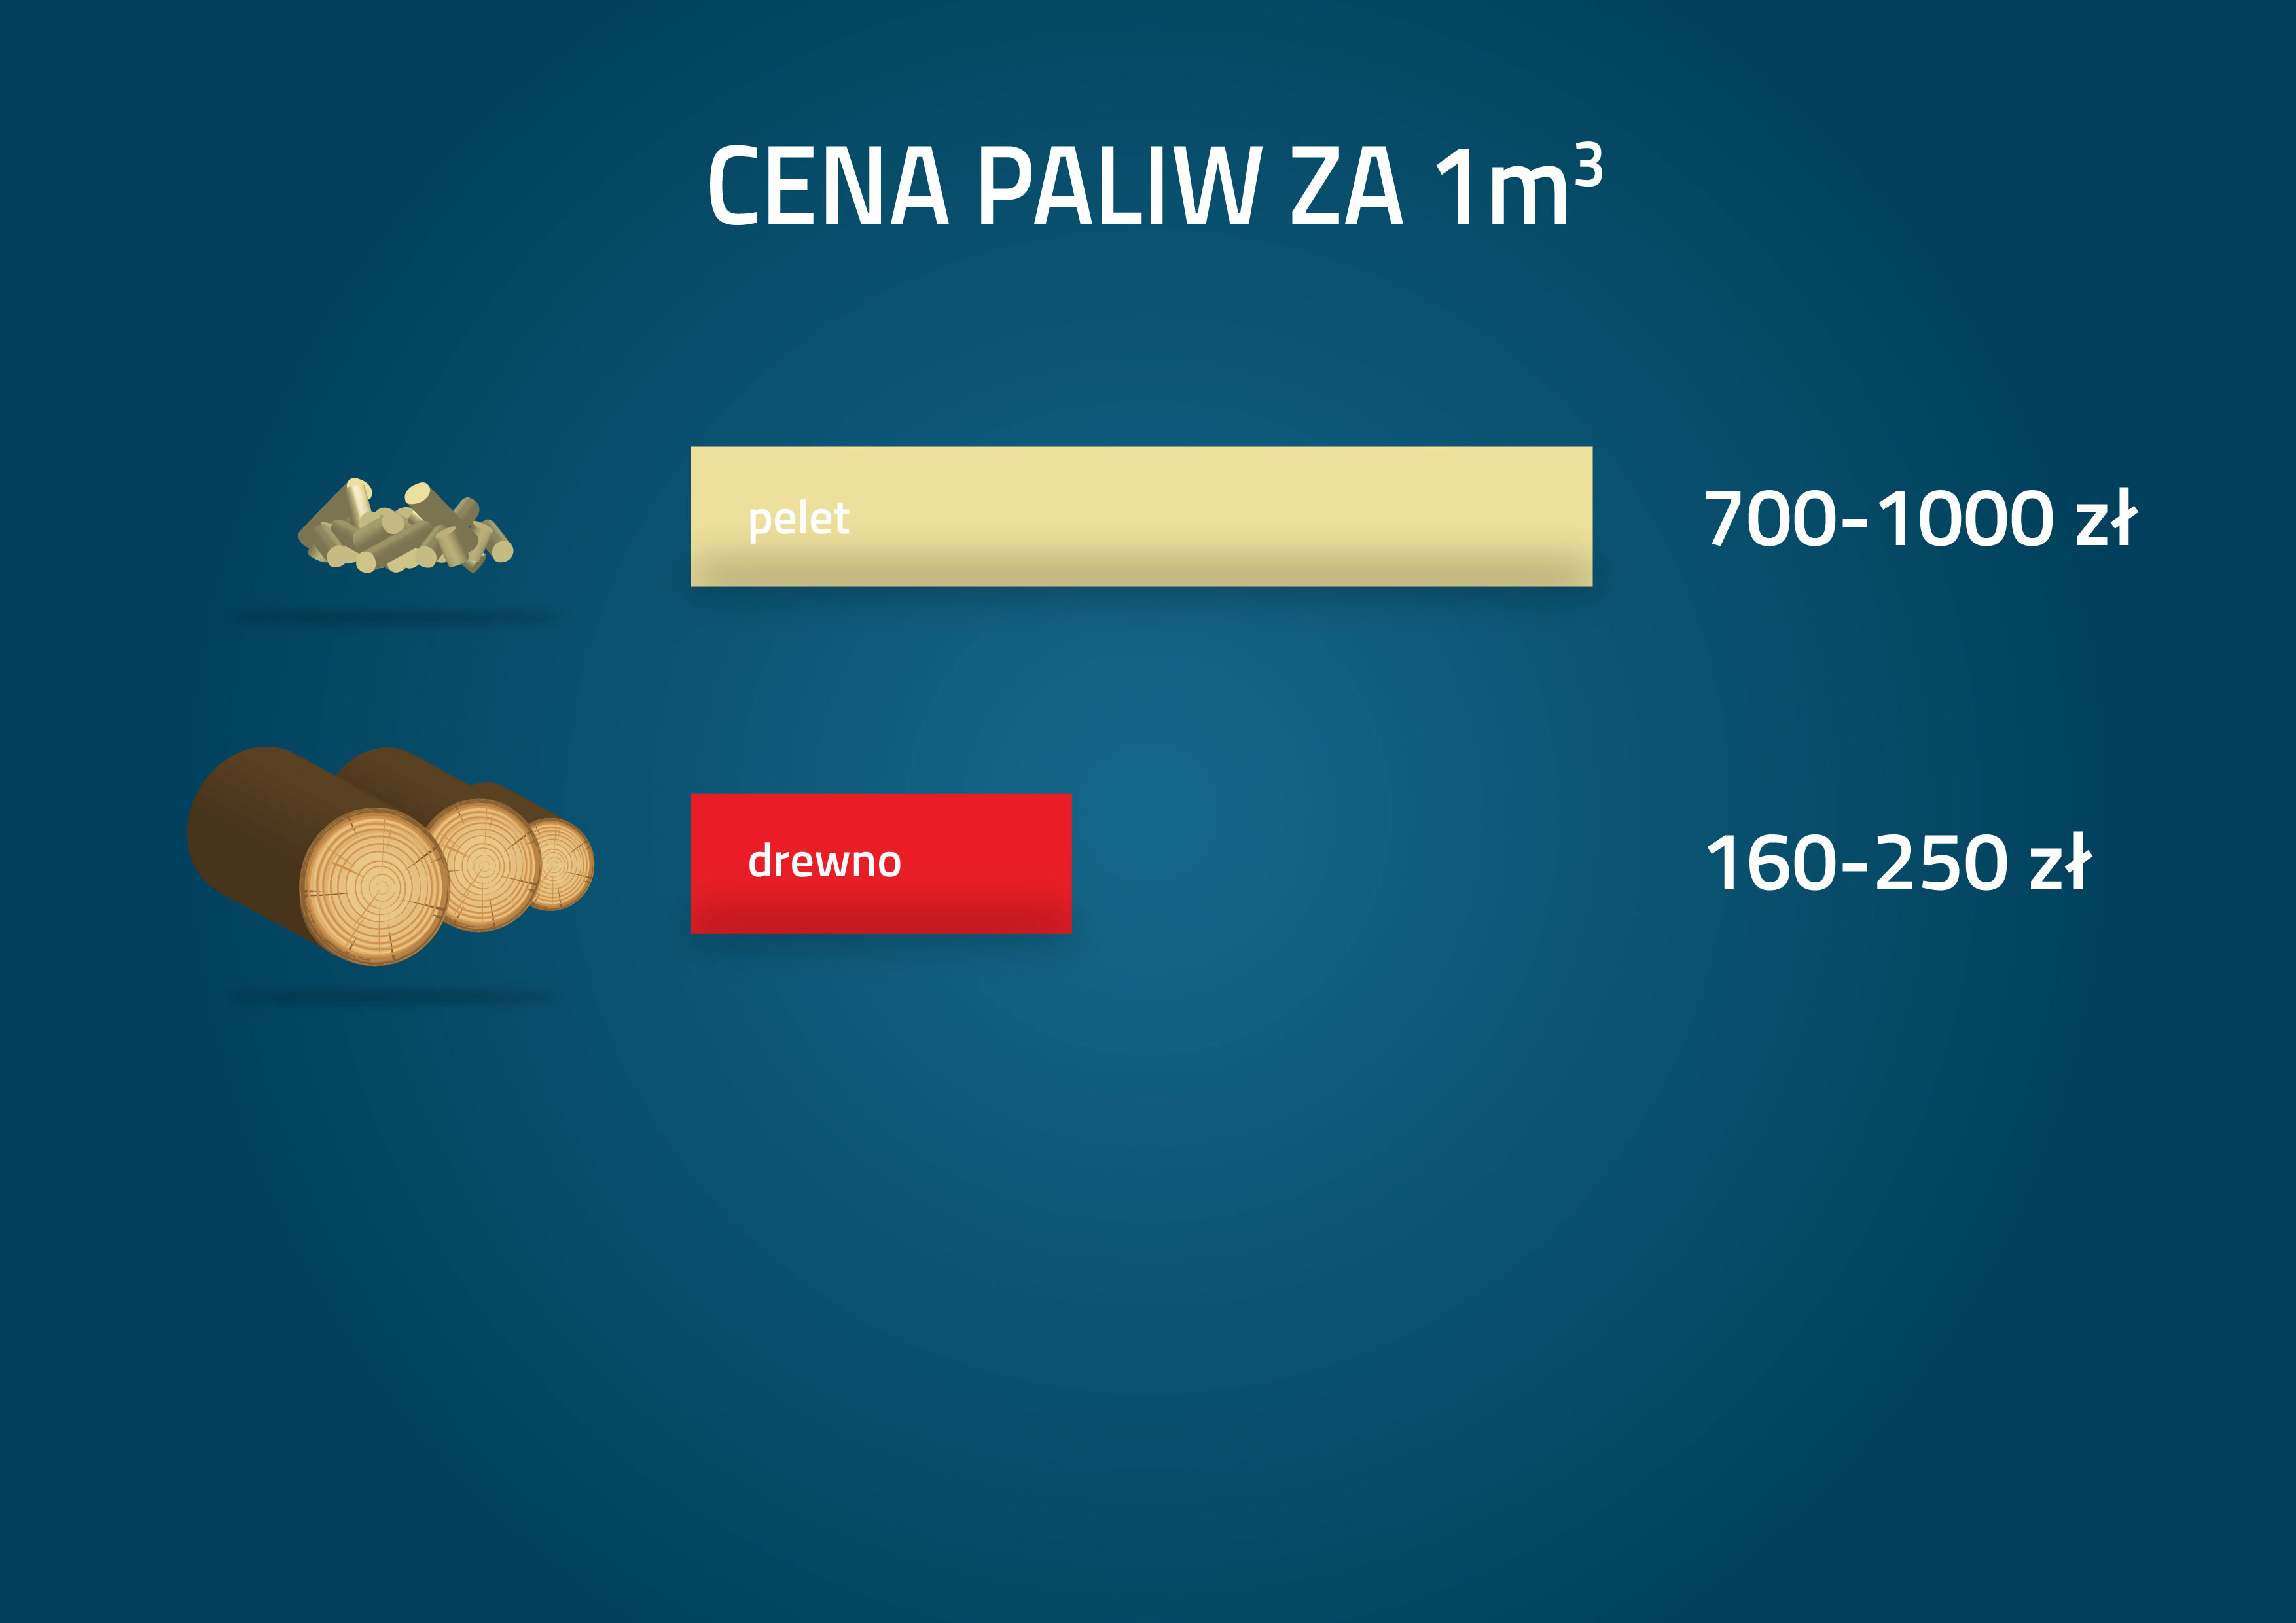 Cena paliwa za 1 m3